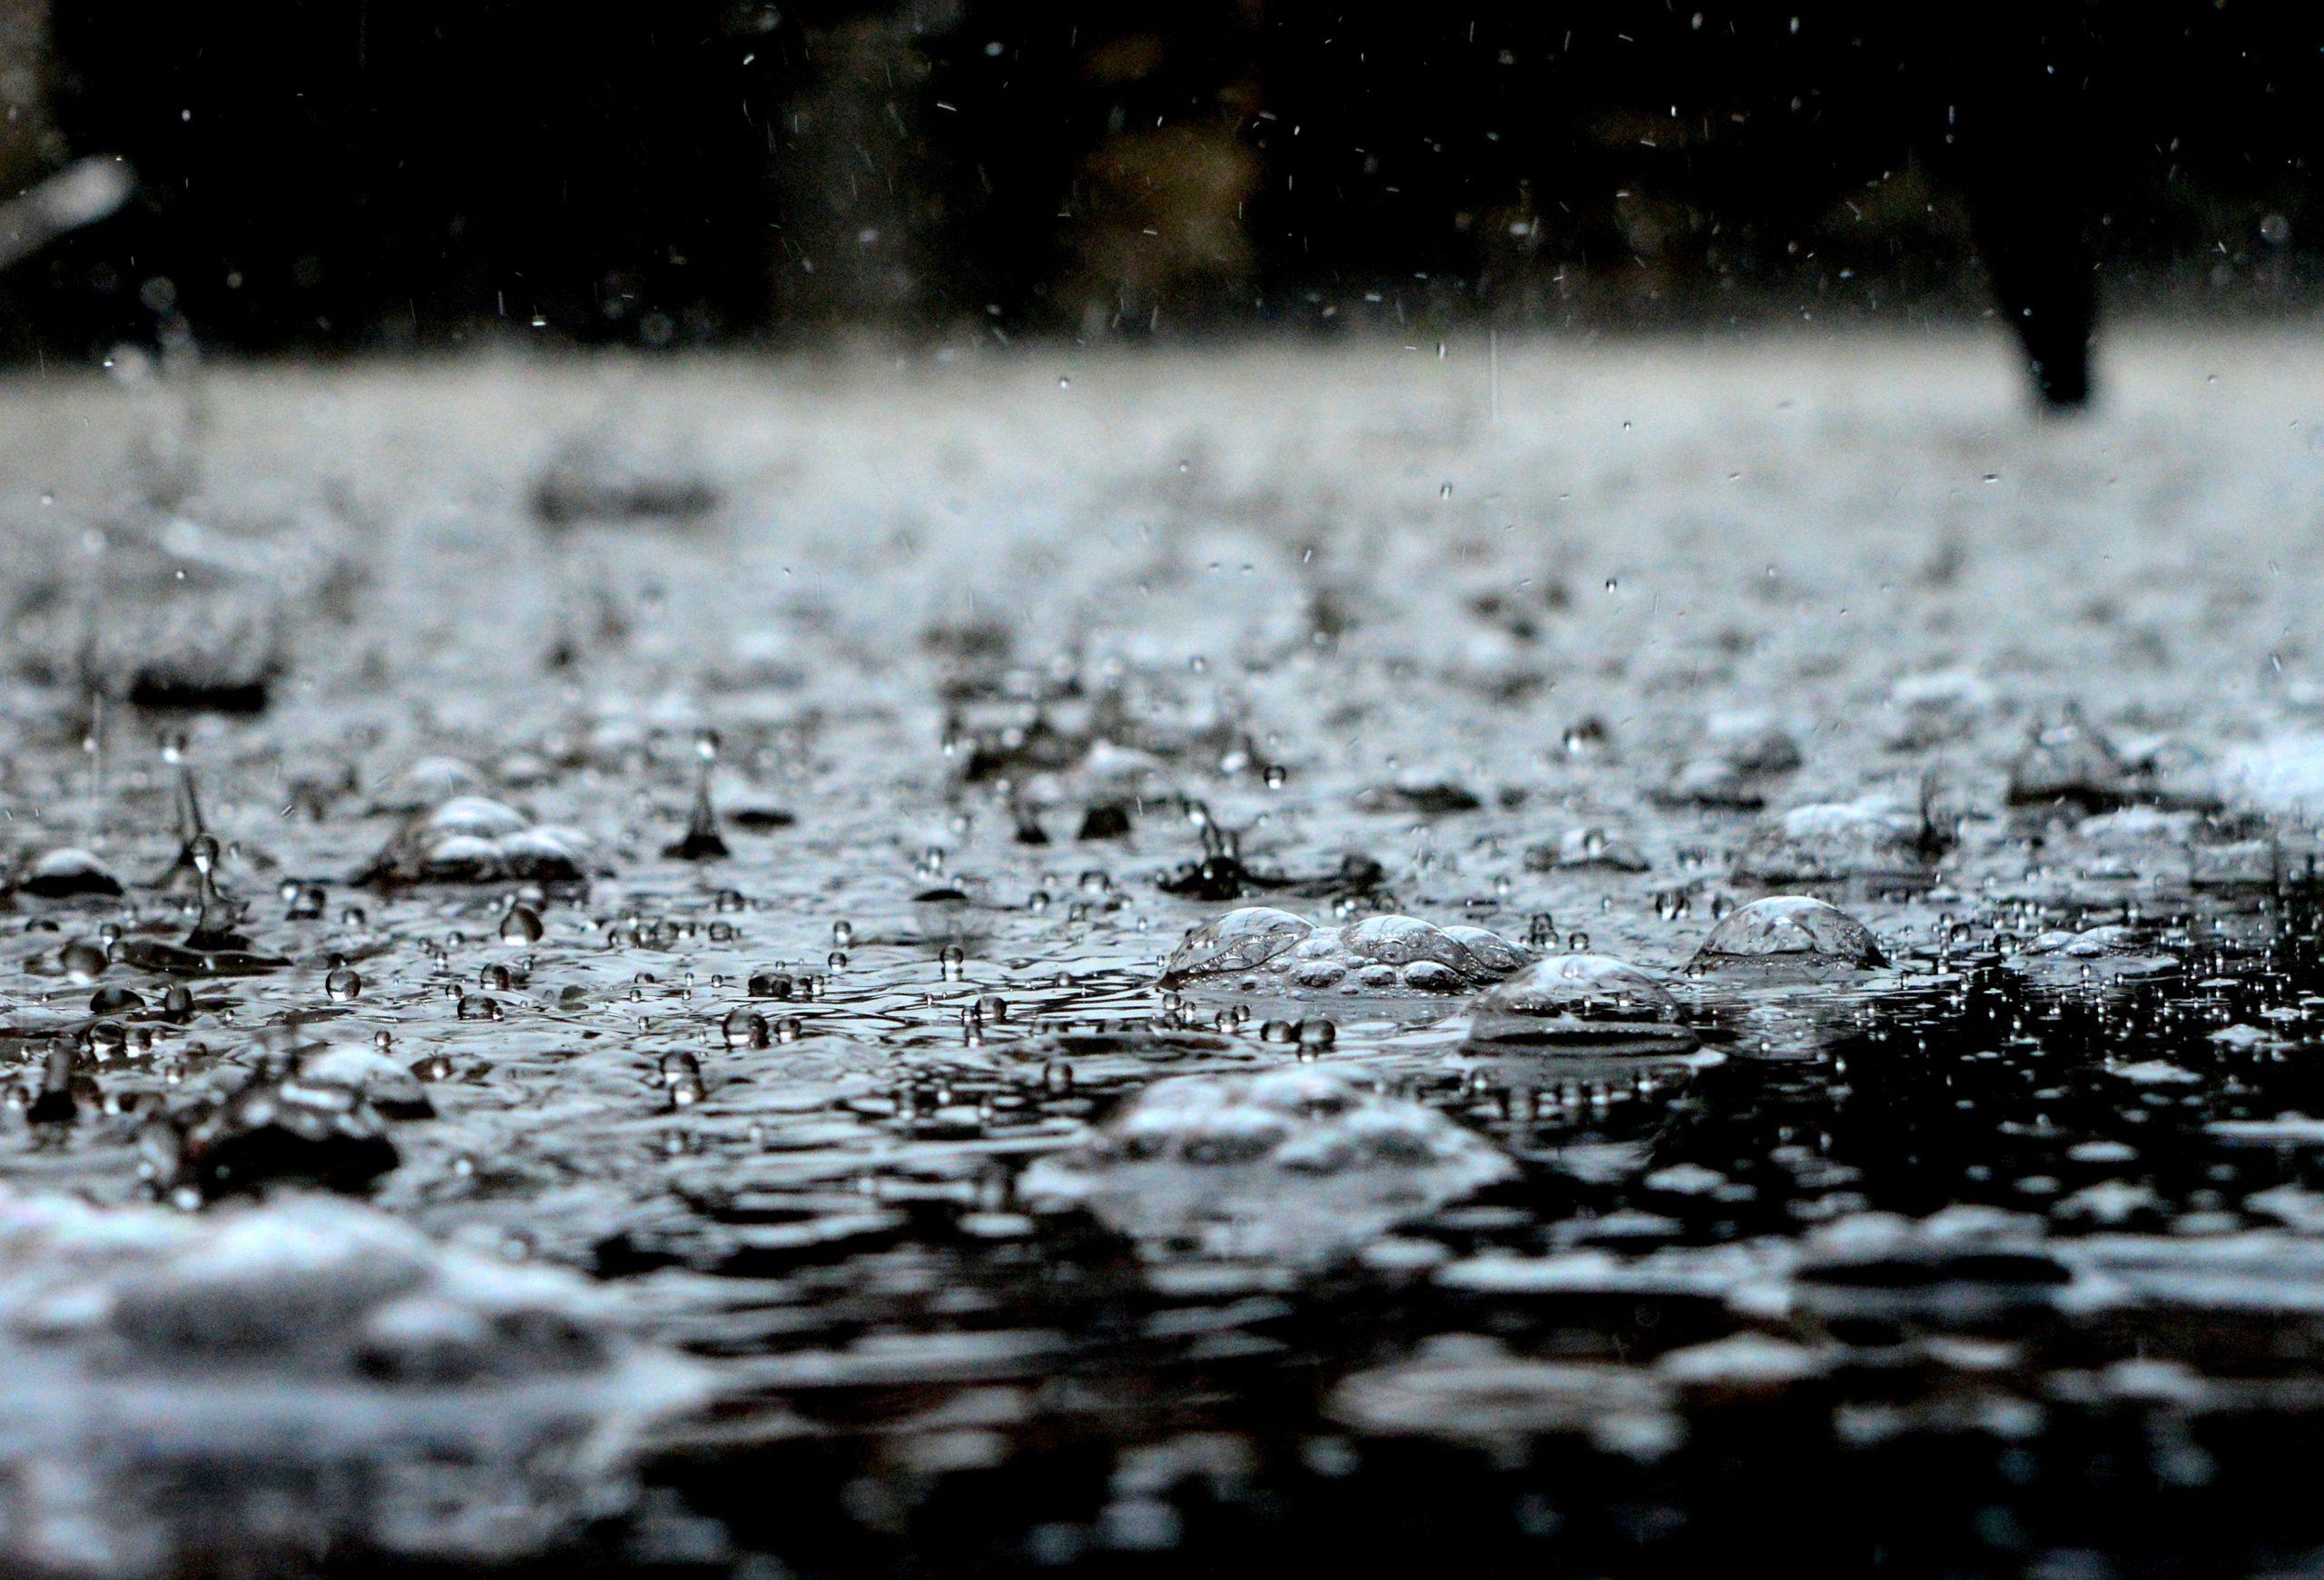 बरसात के मौसम में कैसे रखें खुद को स्वस्थ